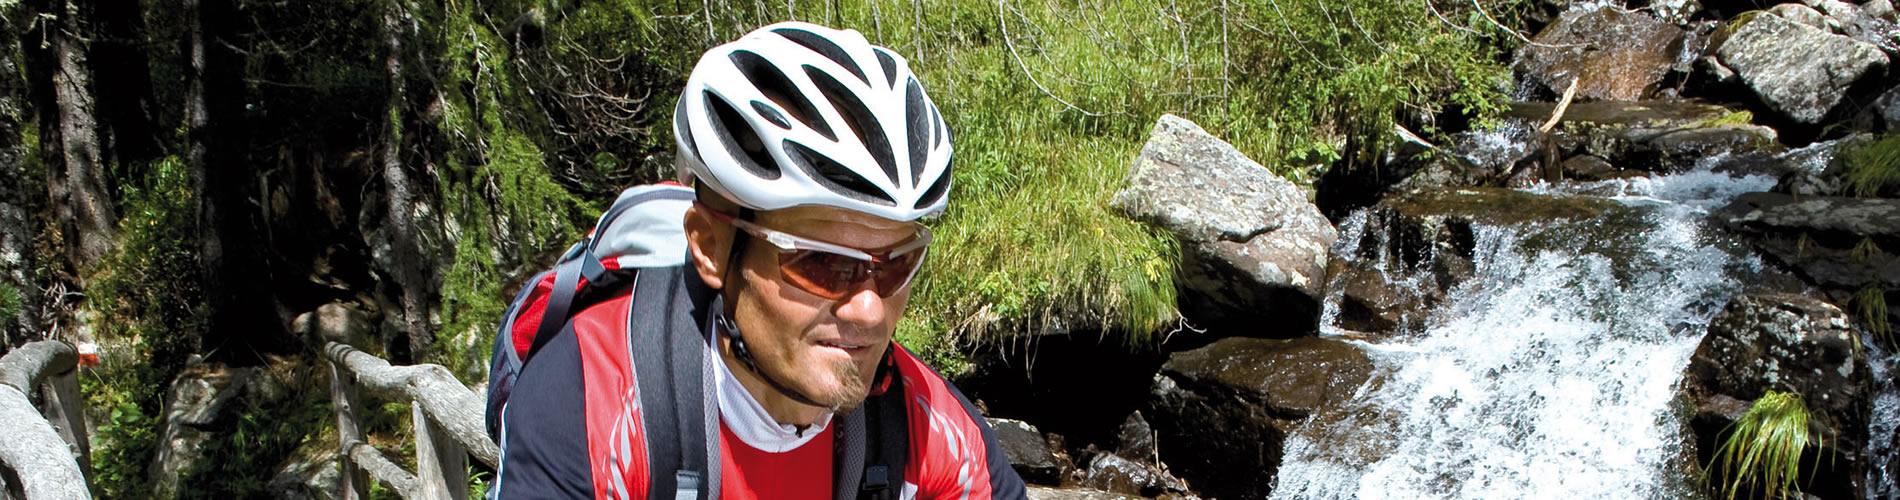 Mann mit Sportbrille und Fahrrad - Optik Zach Aschaffenburg